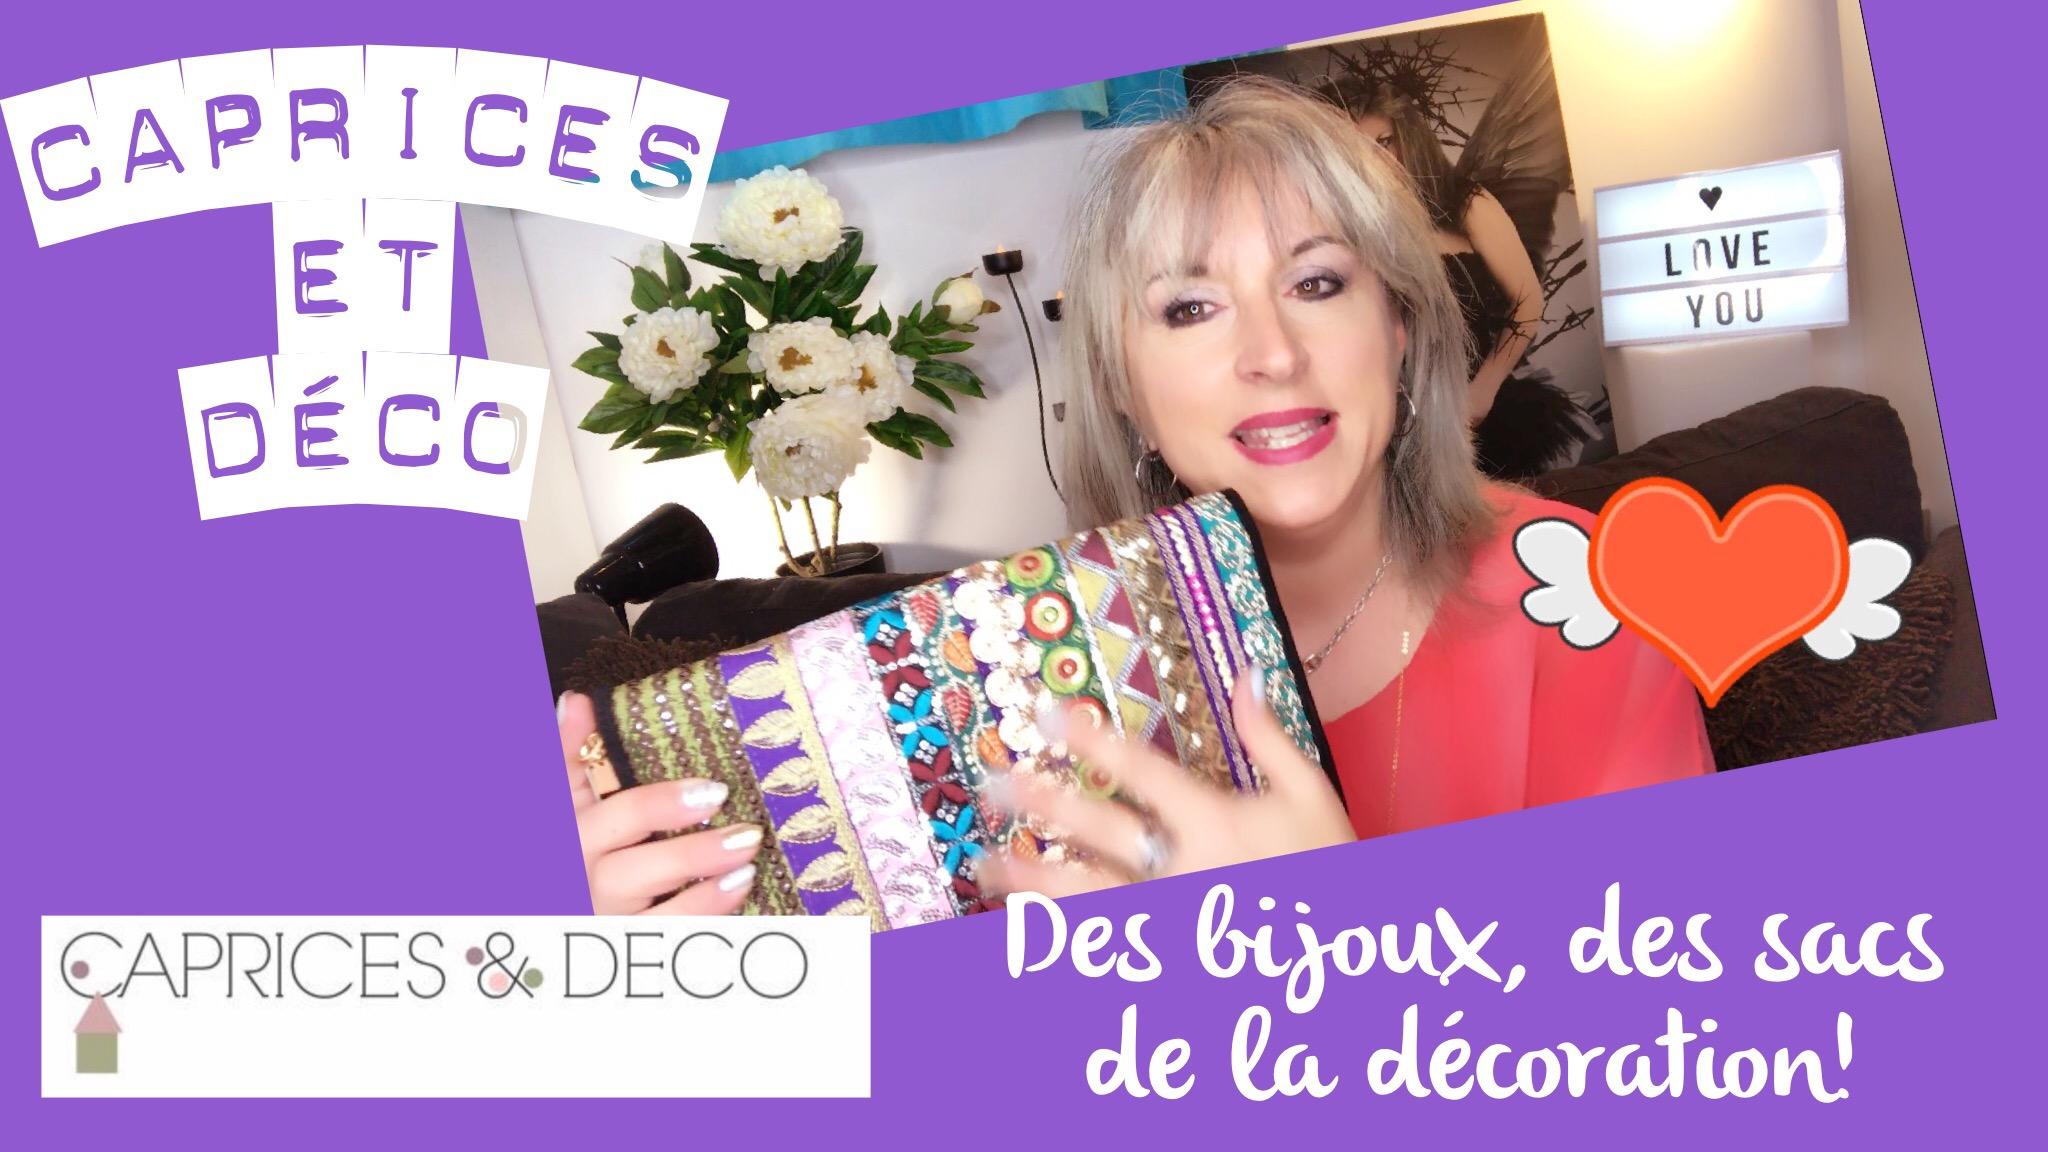 TheMouse sur YouTube: Caprices et deco… Des cadeaux pour Noël!